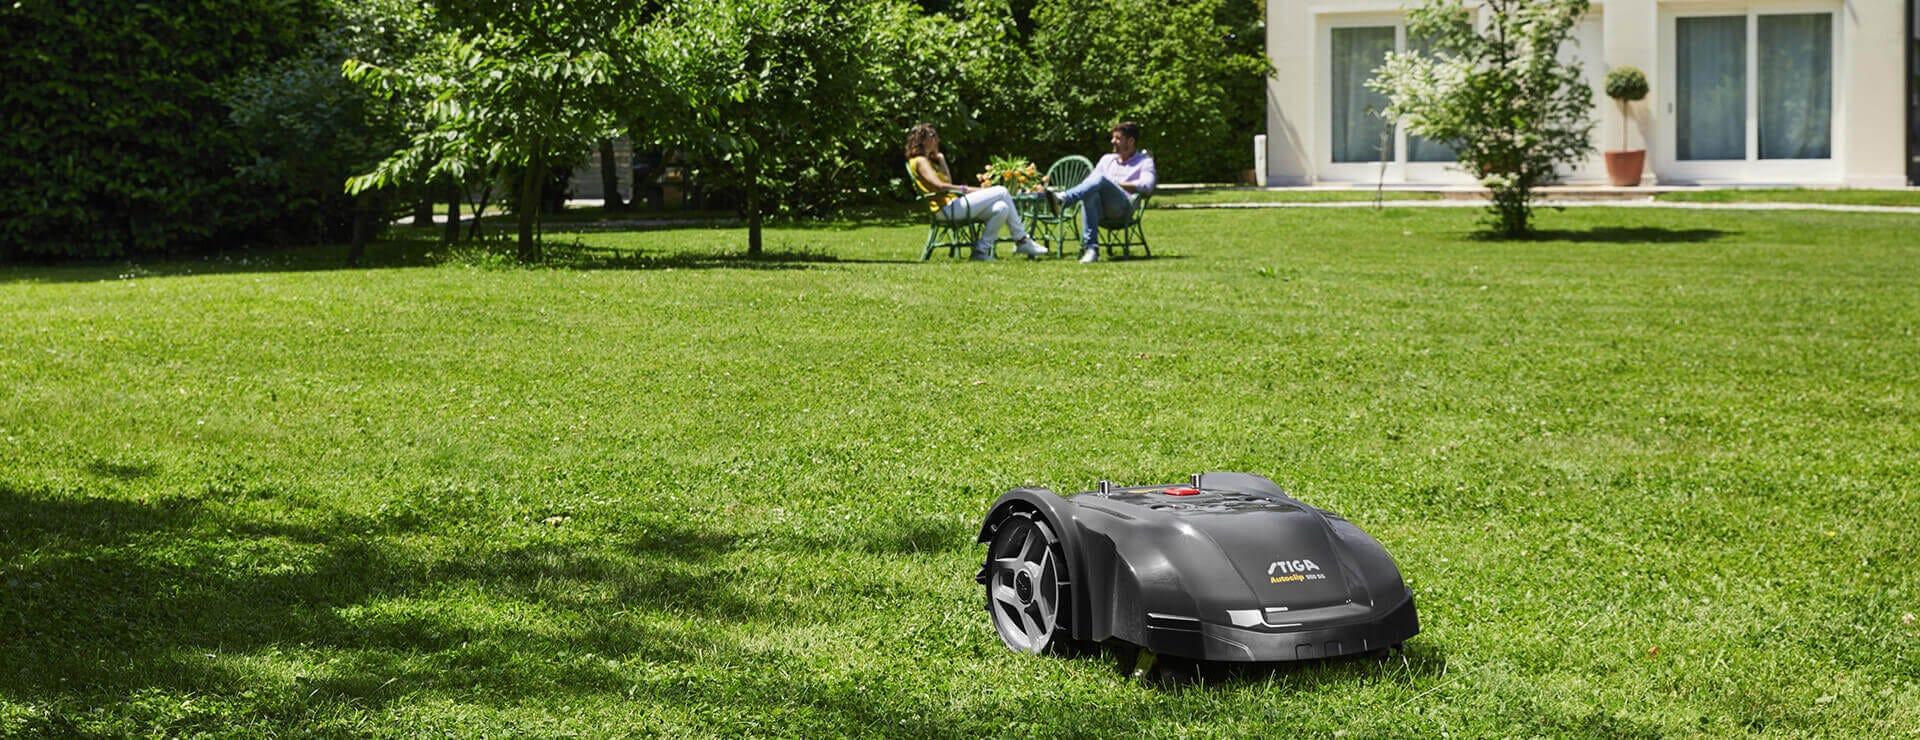 autoclip-robot-mowers